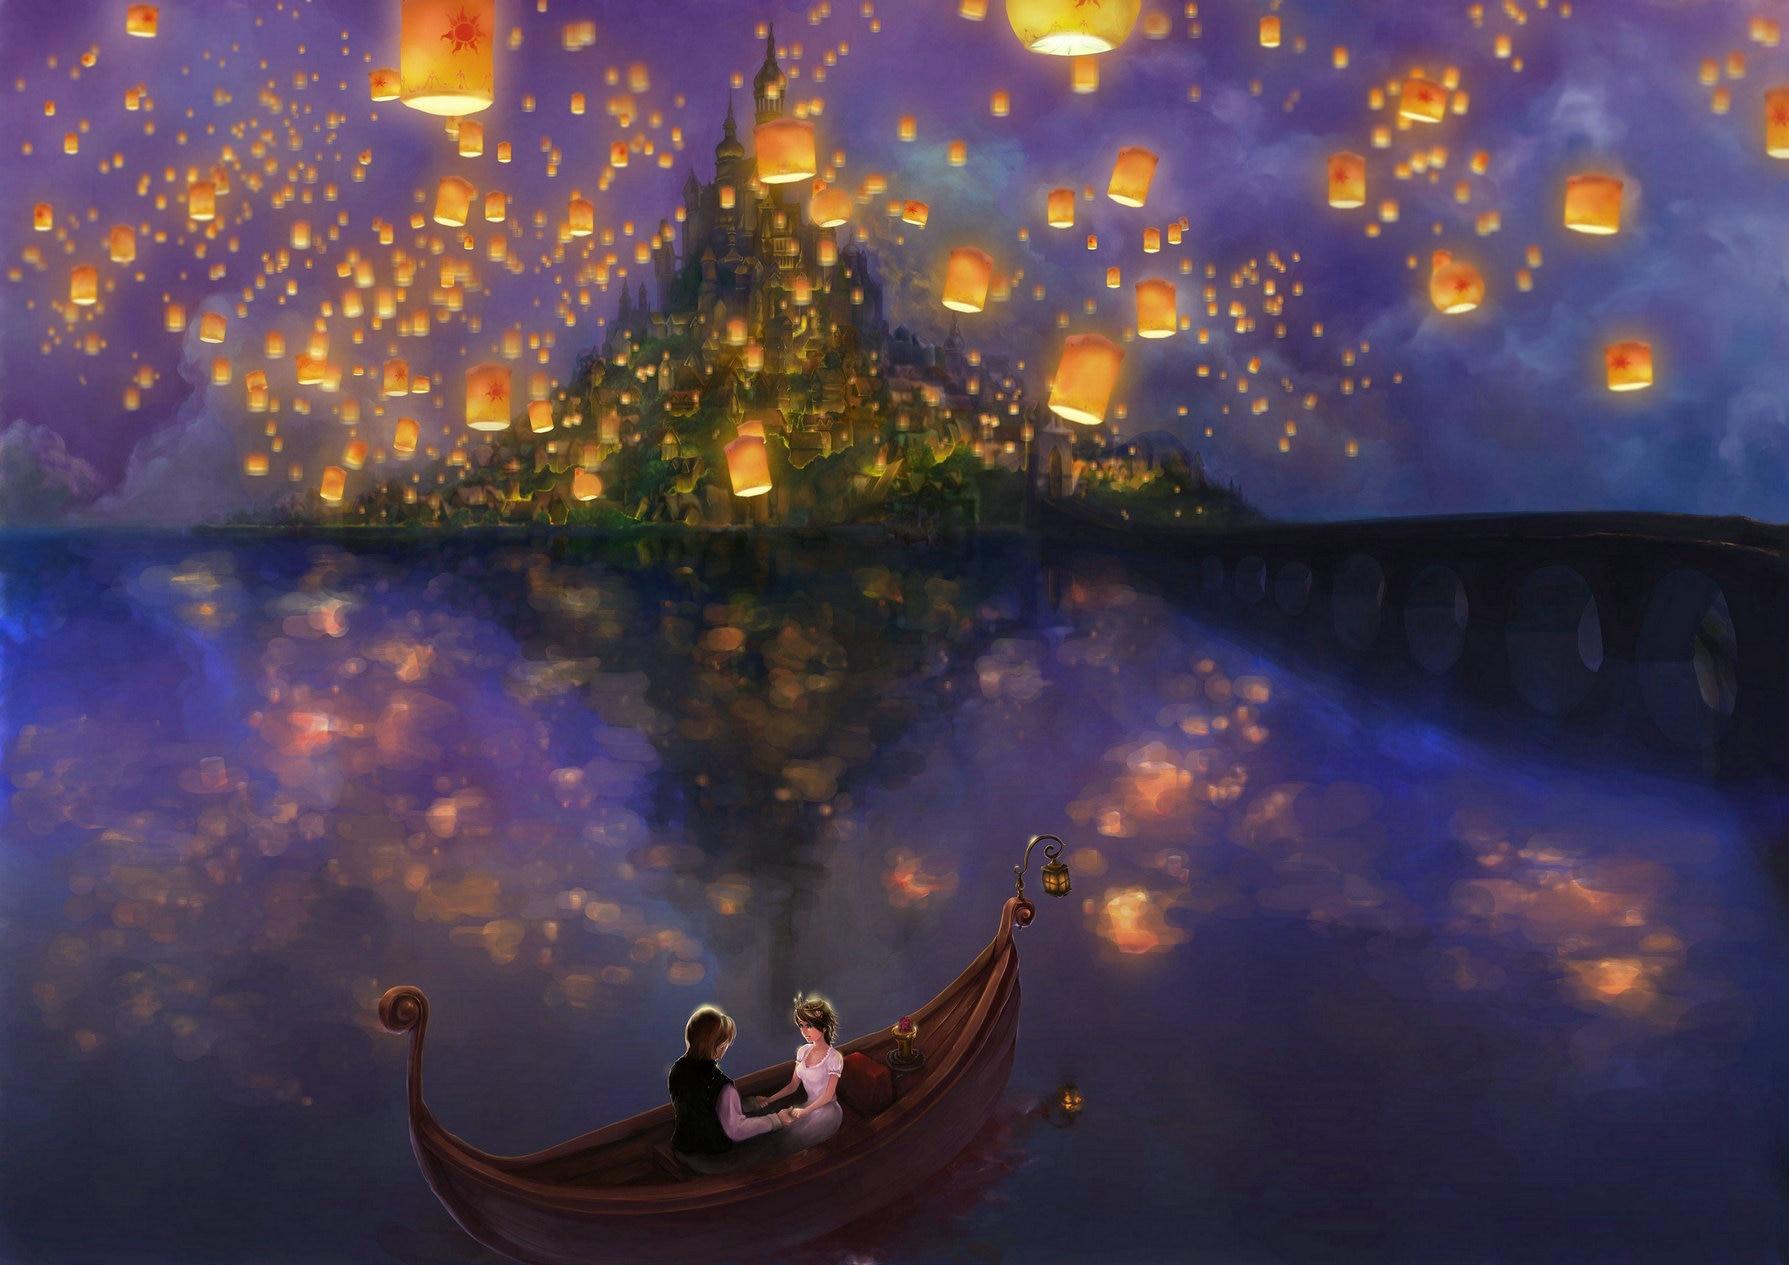 Волшебство мира картинки